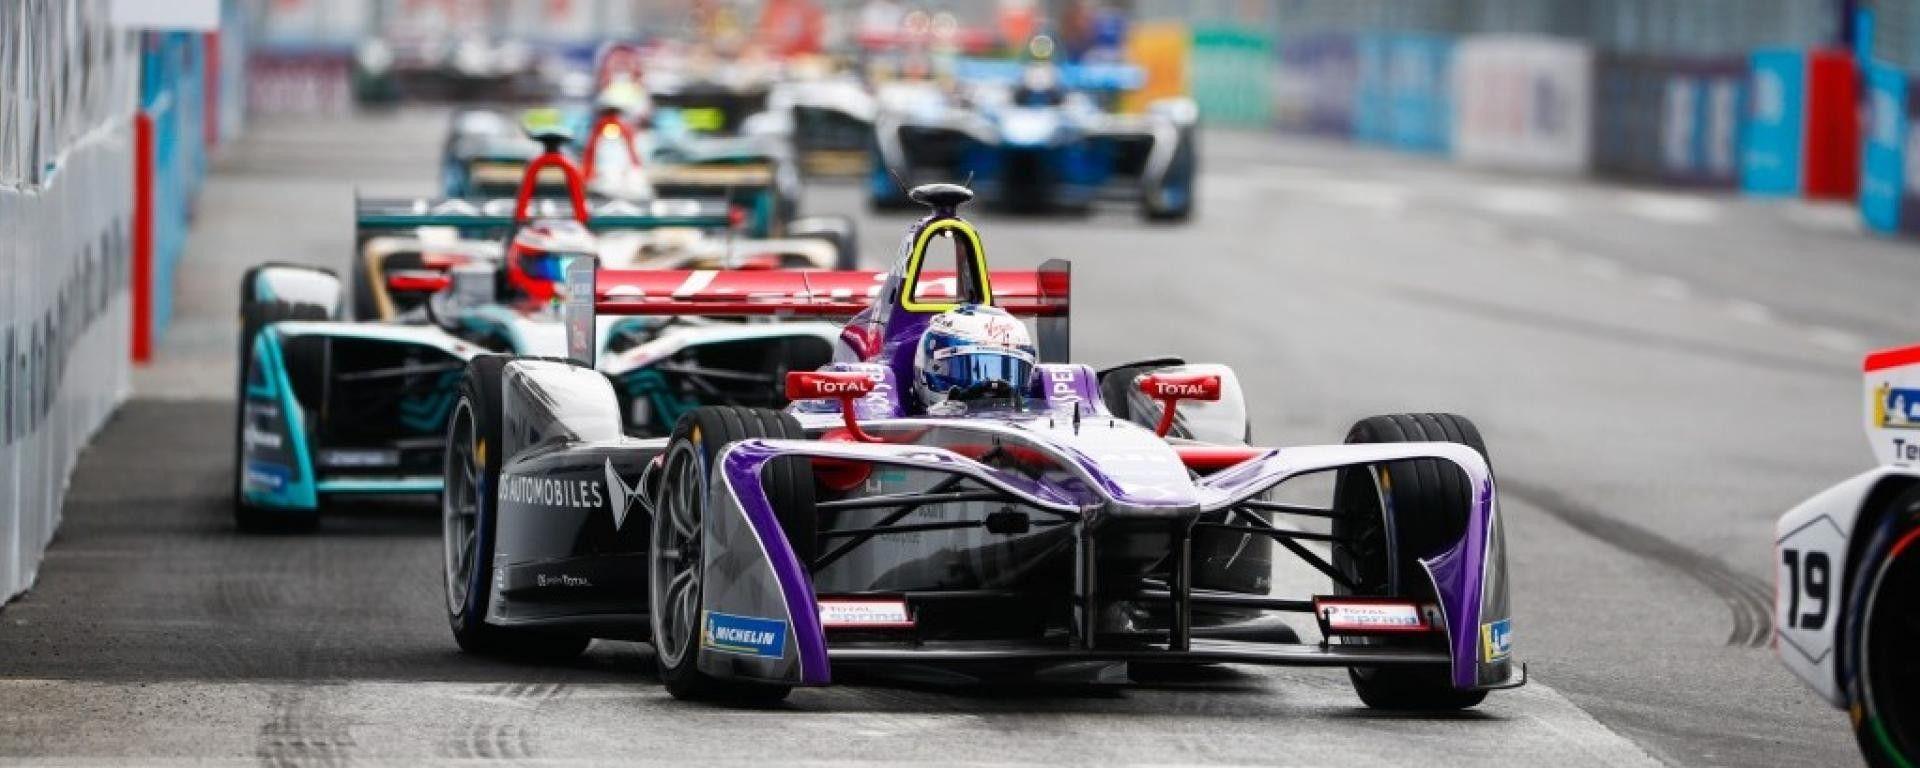 Formula E E-Prix Svizzera, tutte le info: orari, risultati, qualifica, gara